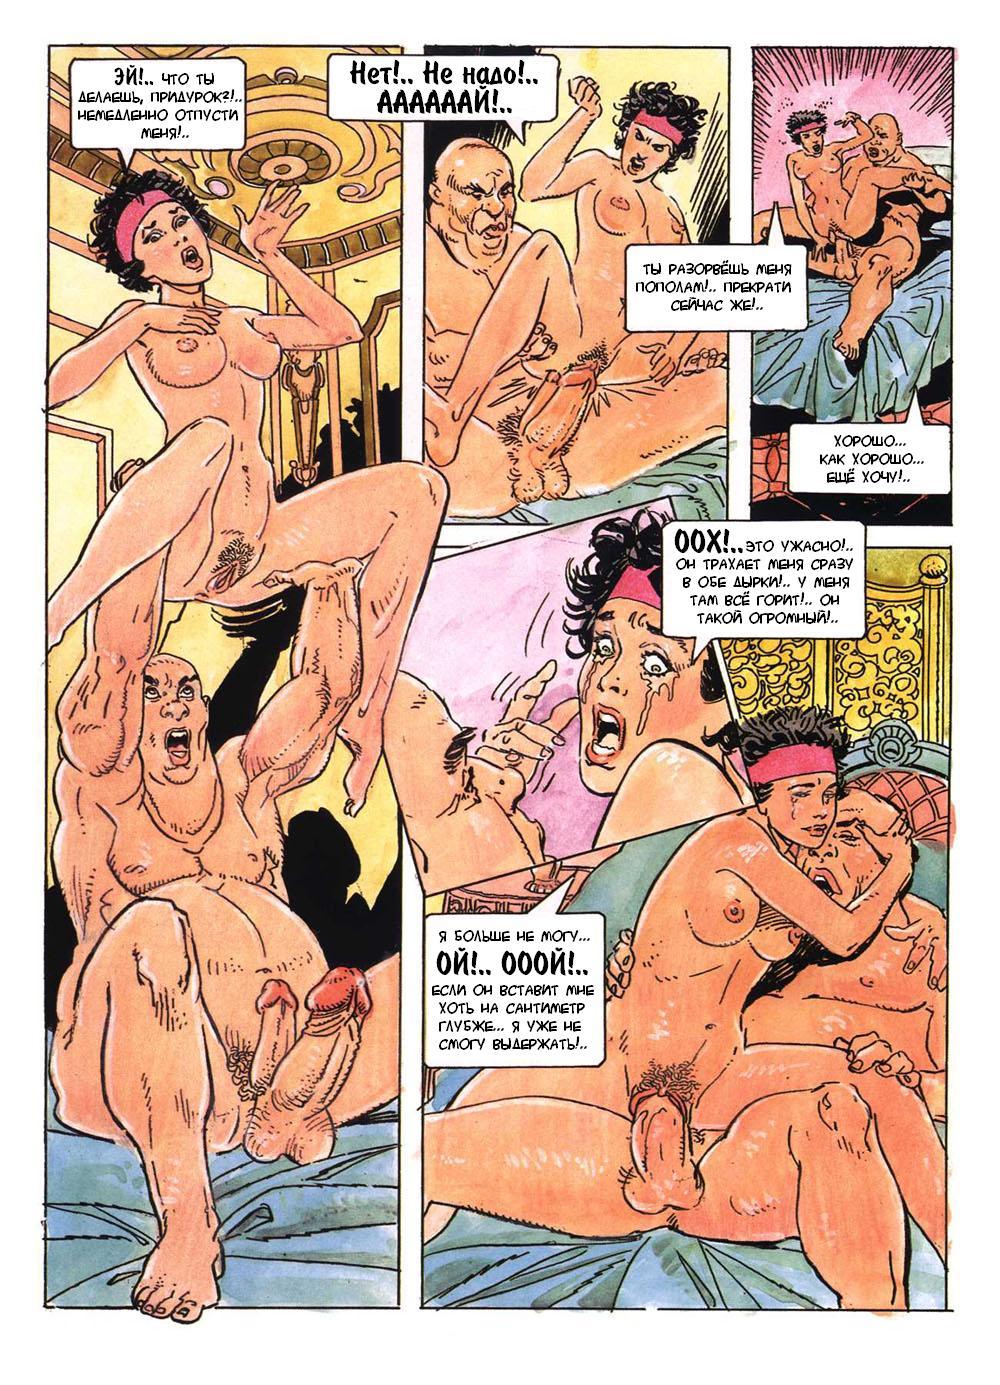 Рассказ про секс с девственницей 1 фотография